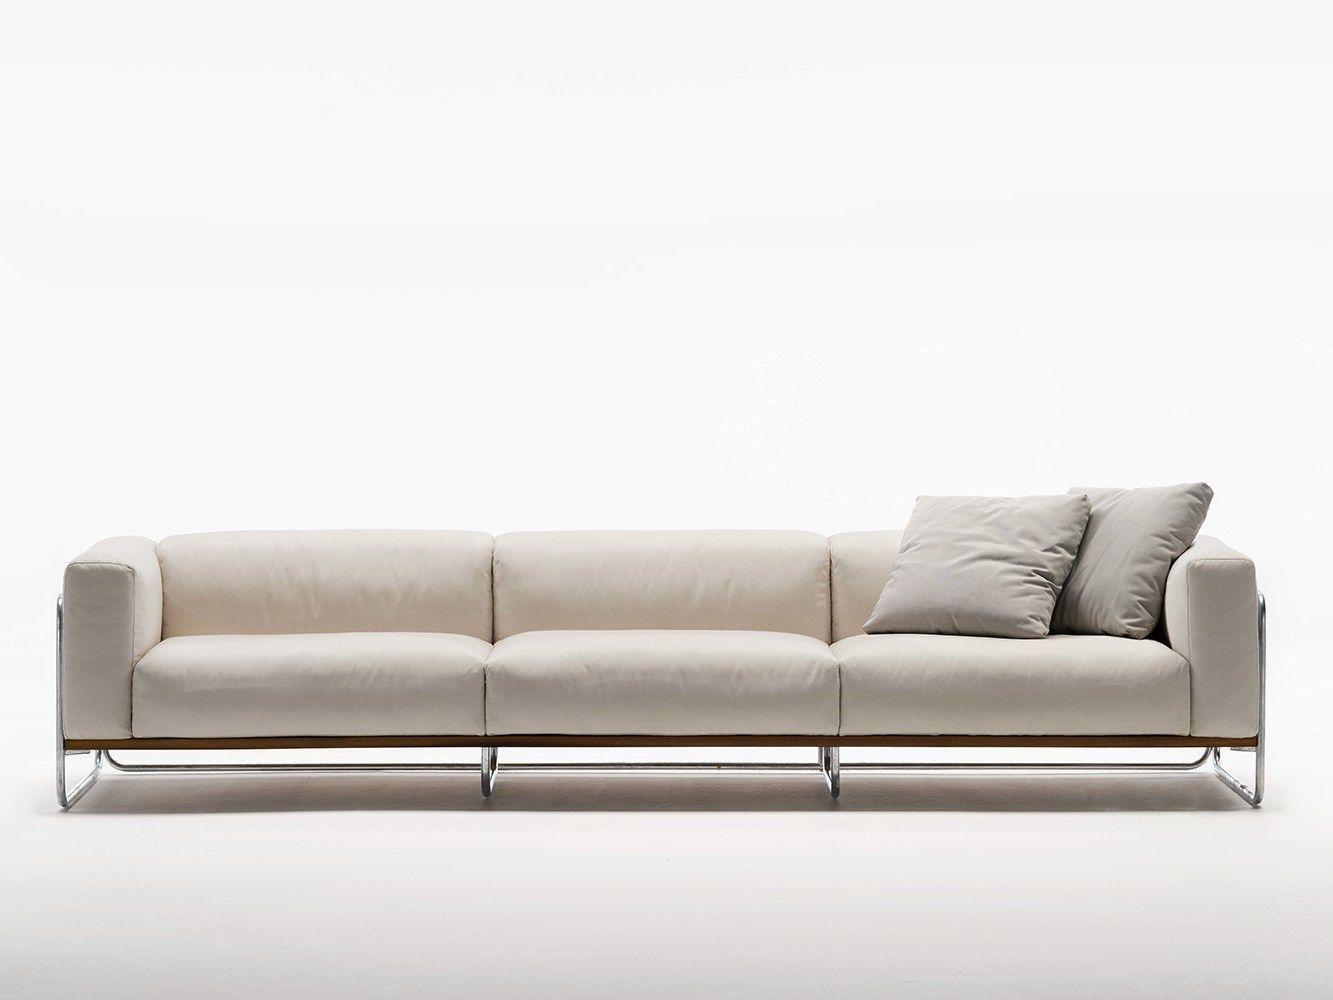 Migliori divani: recensioni delle migliori marche a confronto con ...